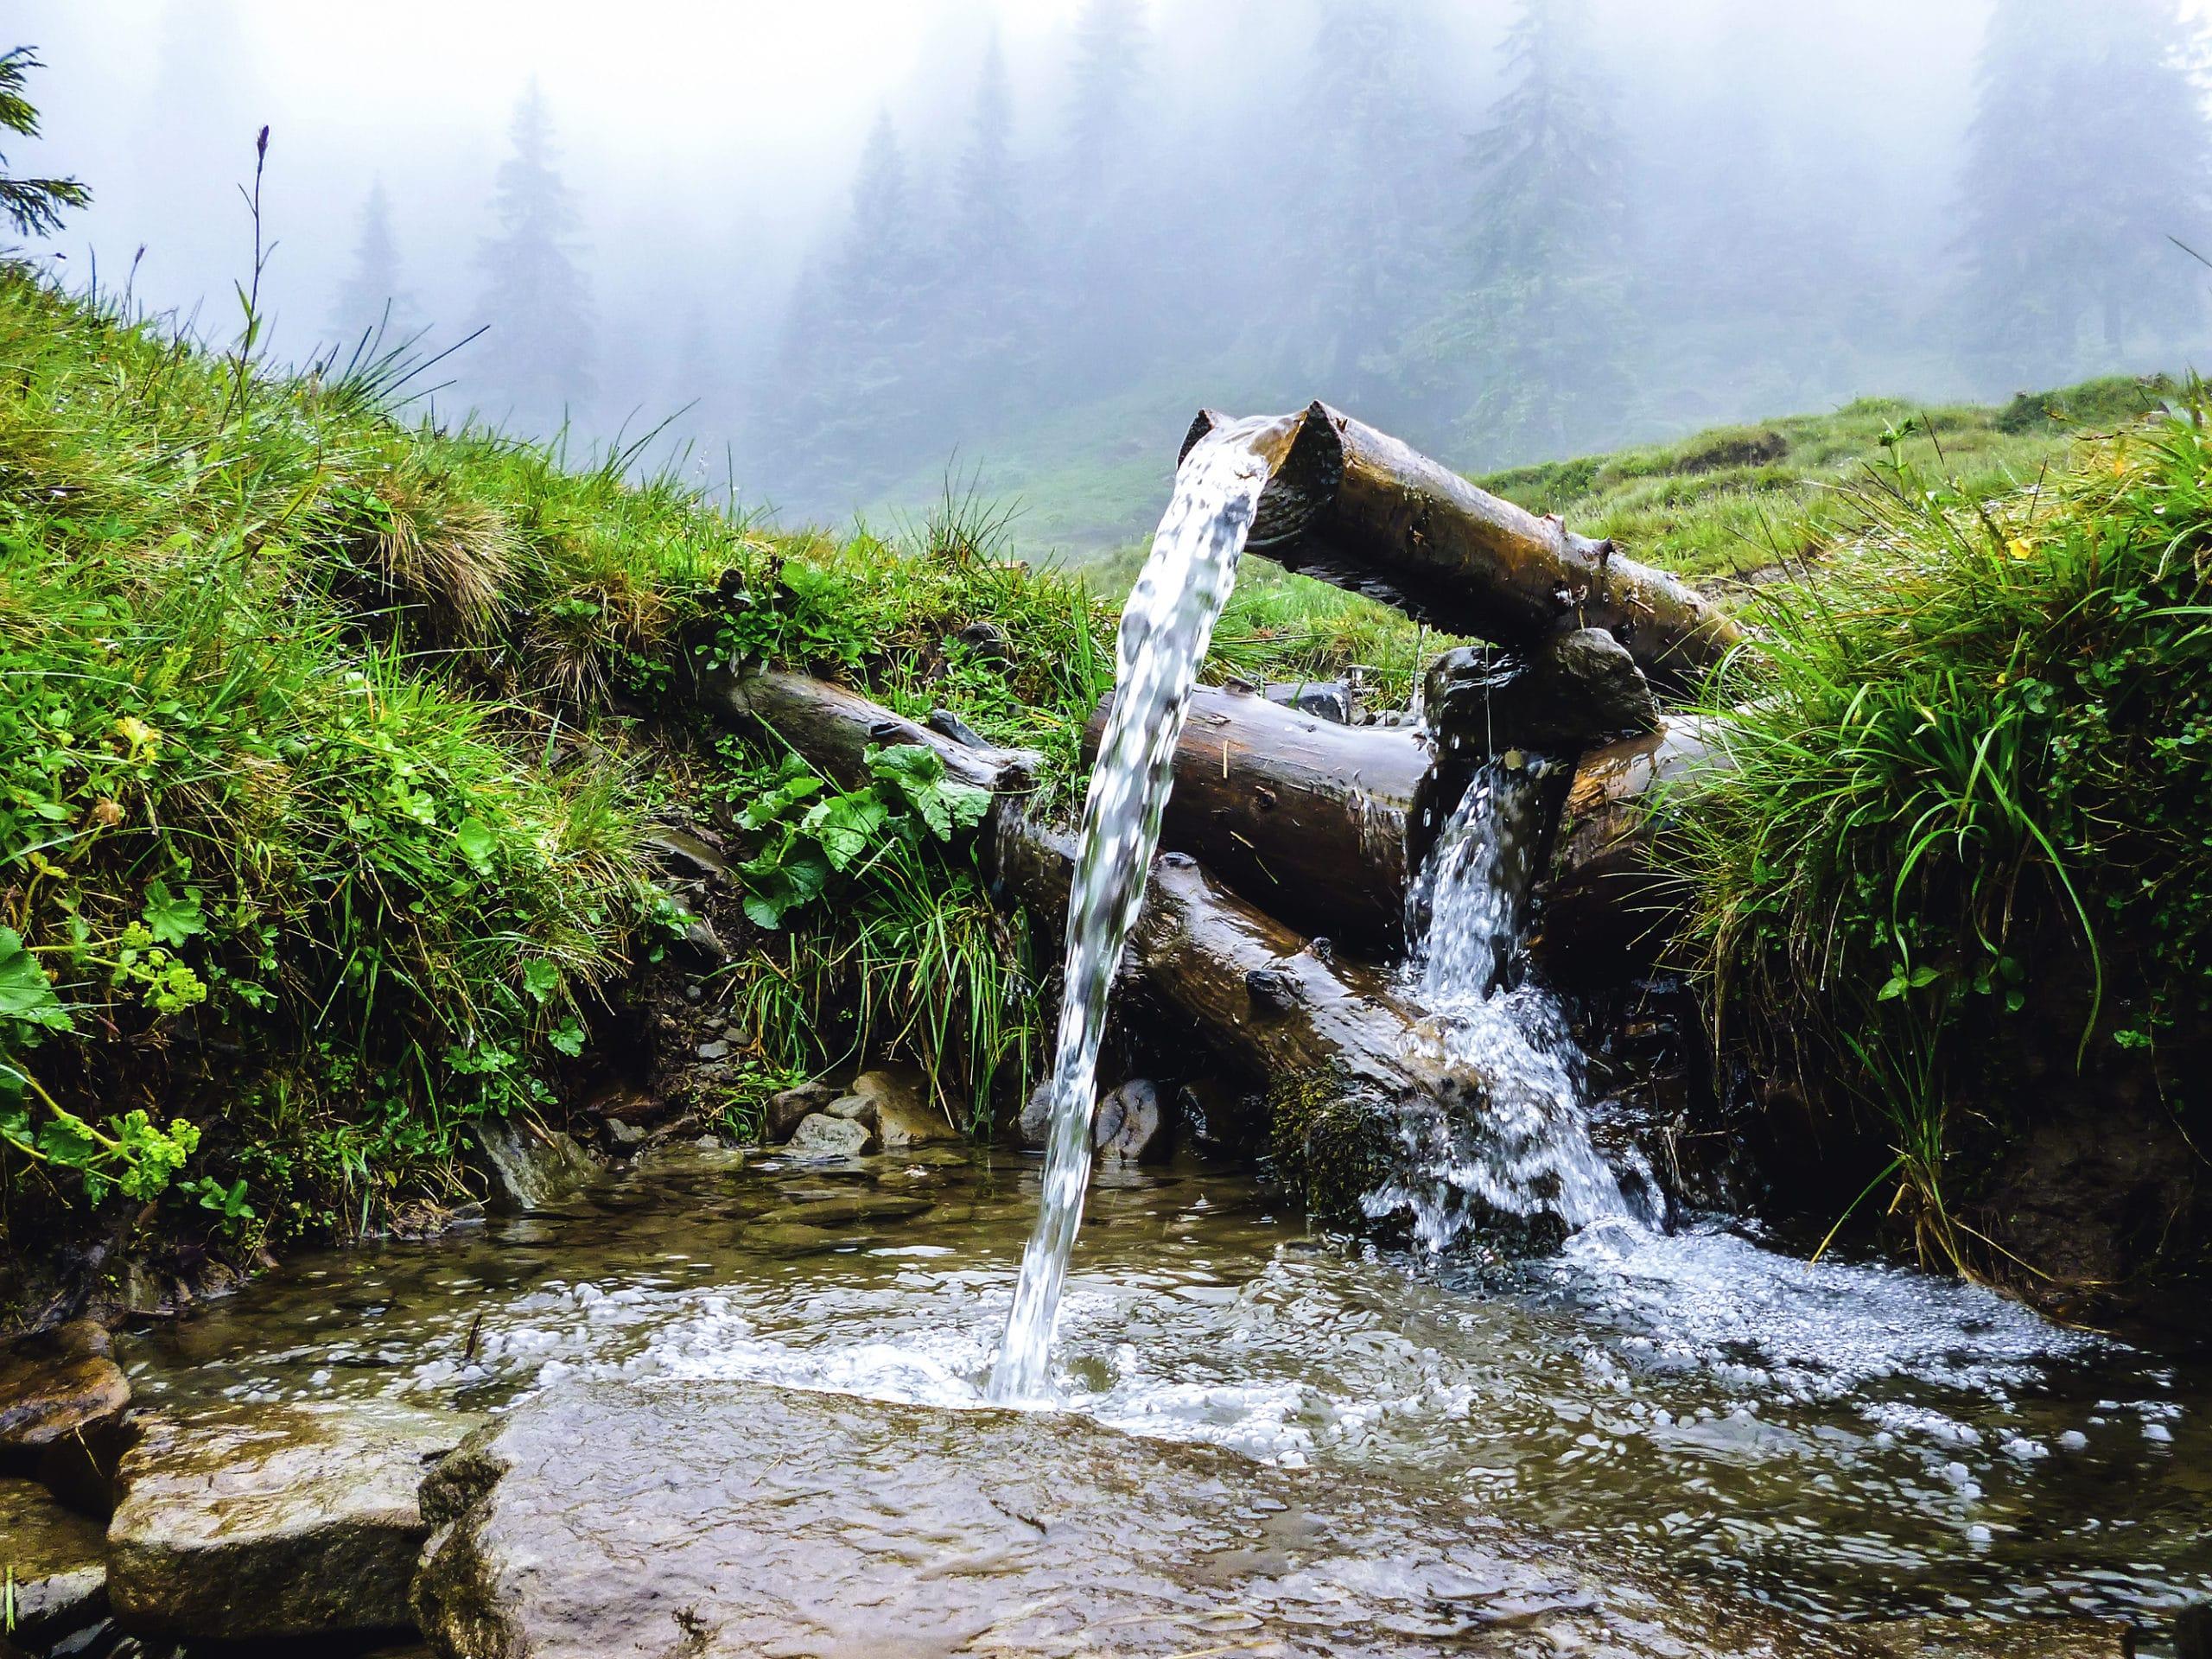 Drikkevand uden kemi er ingen selvfølge